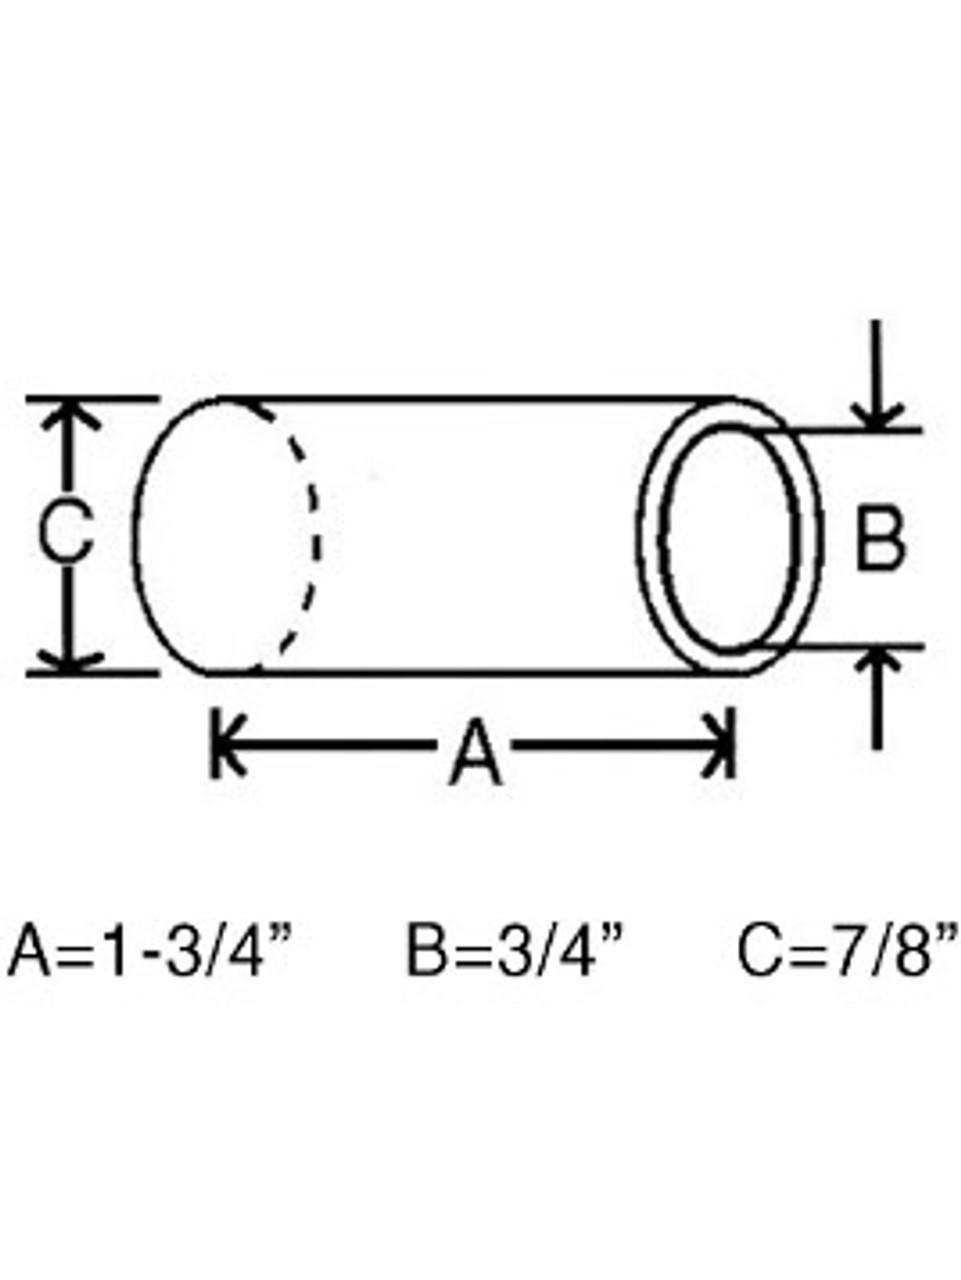 NB78 --- Center Equalizer Bushing - Nylon